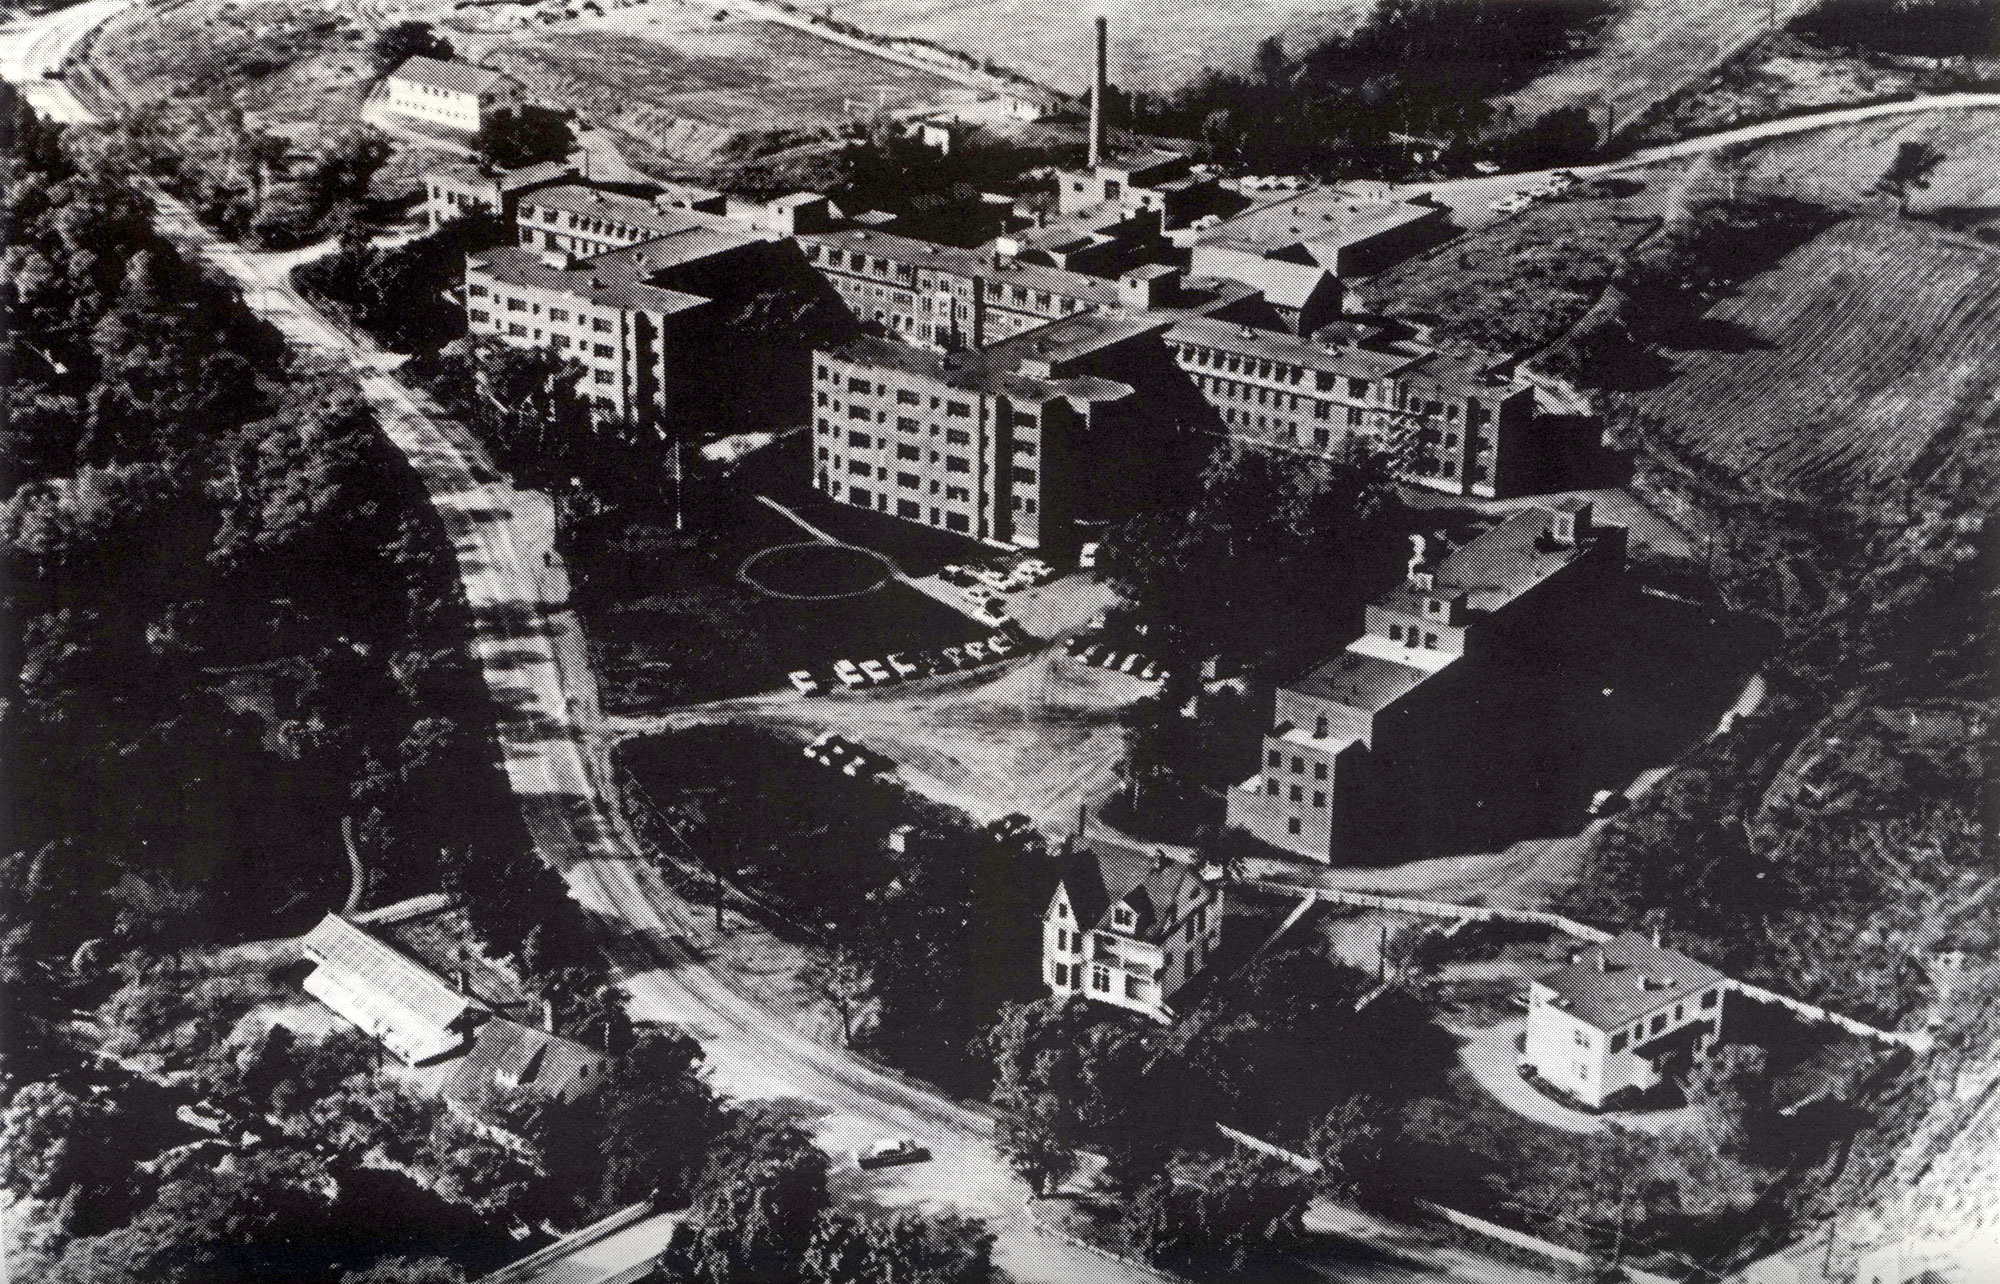 Photo aérienne en noir et blanc d'un complexe composé d'un grand édifice institutionnel entouré de petits bâtiments